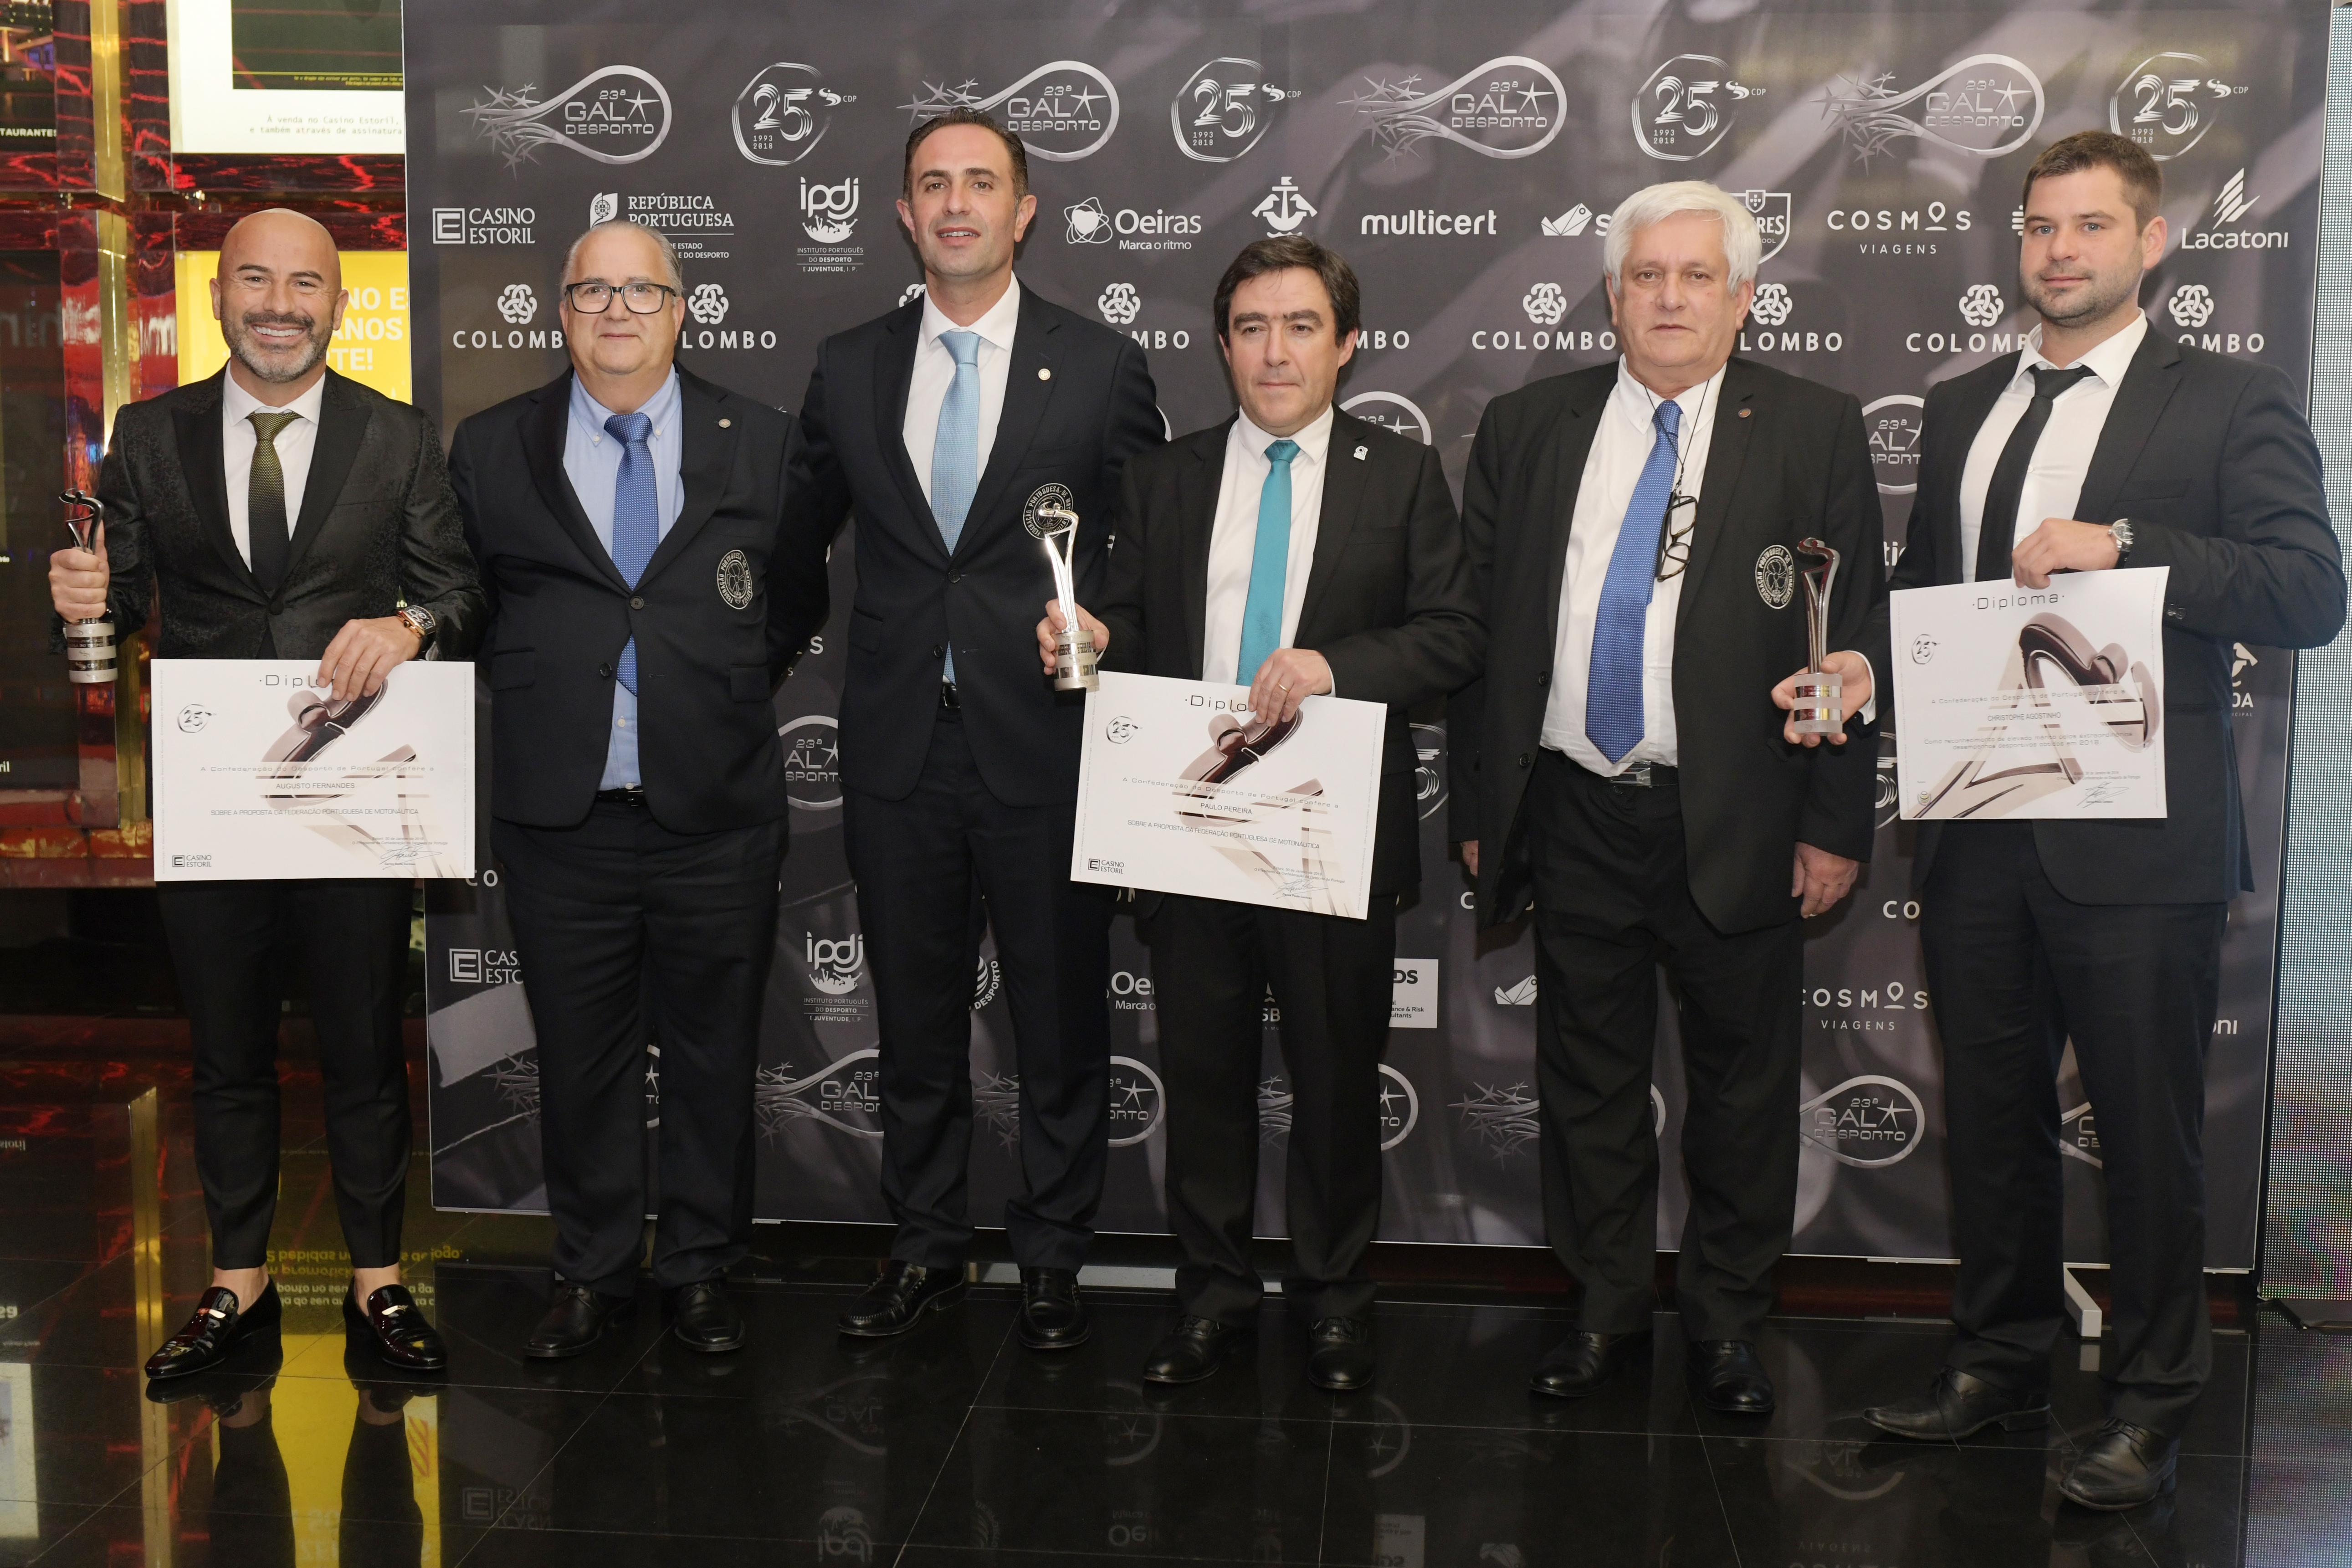 Gala do Desporto 2019 – Casono do Estoril